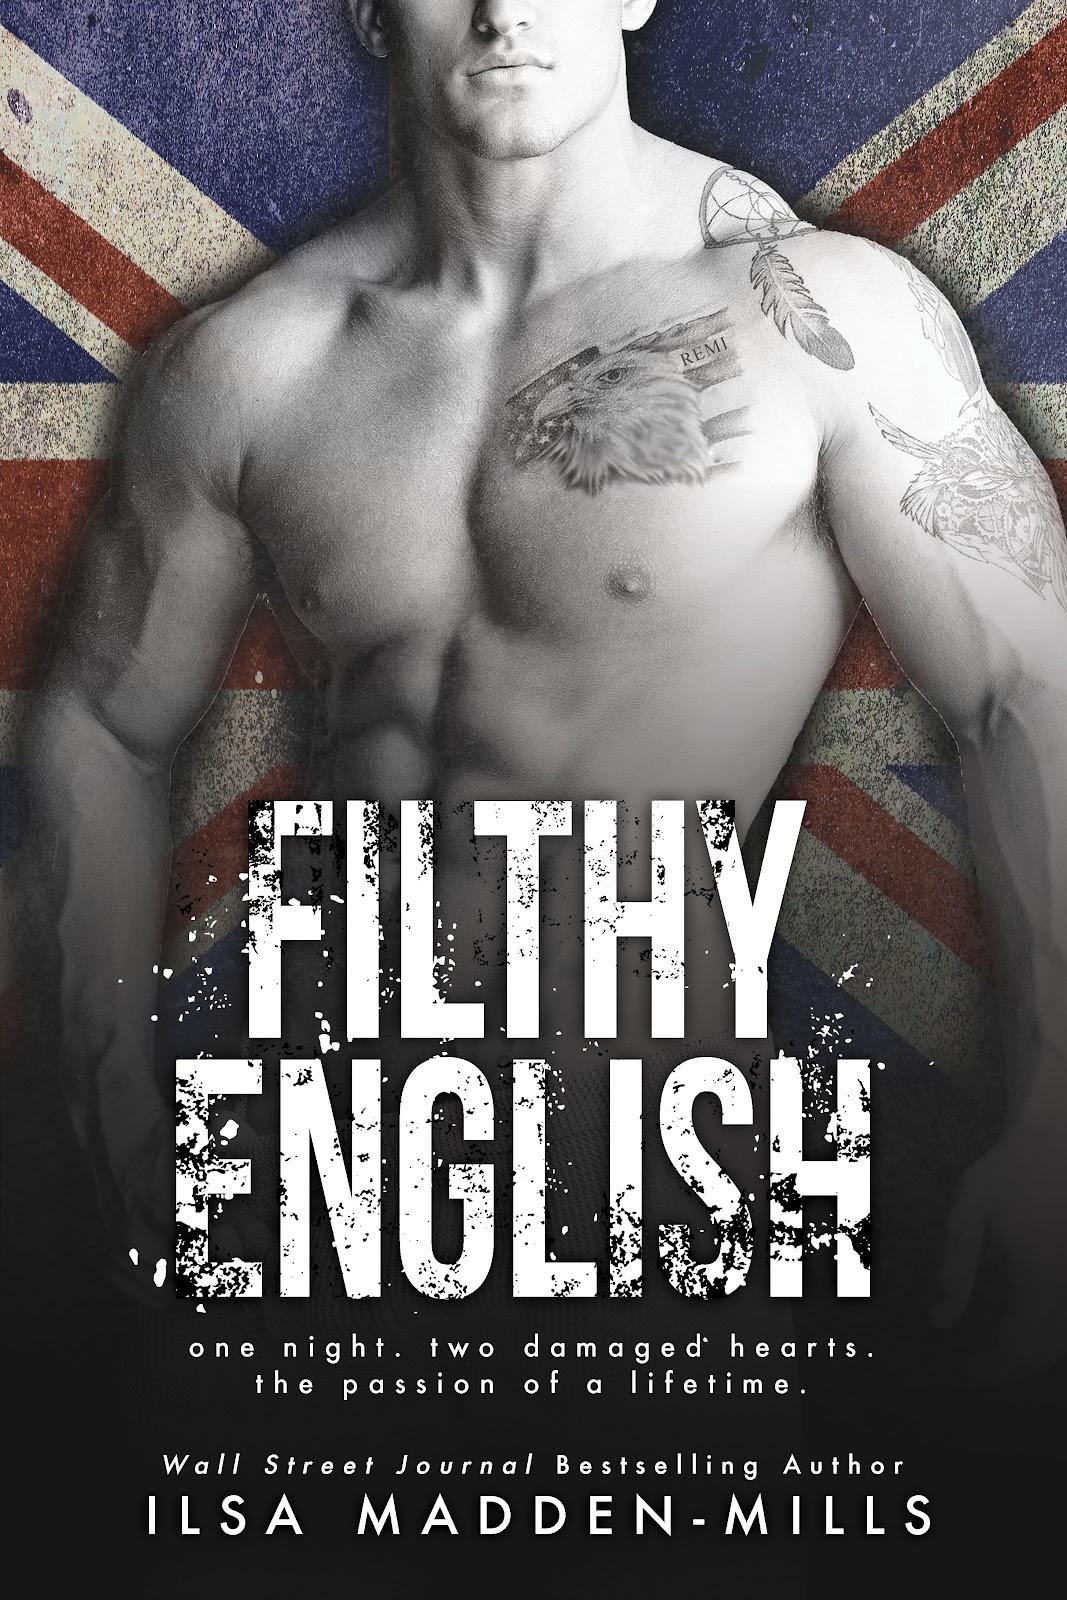 FILTHY-ENGLISH-EBOOK.jpg